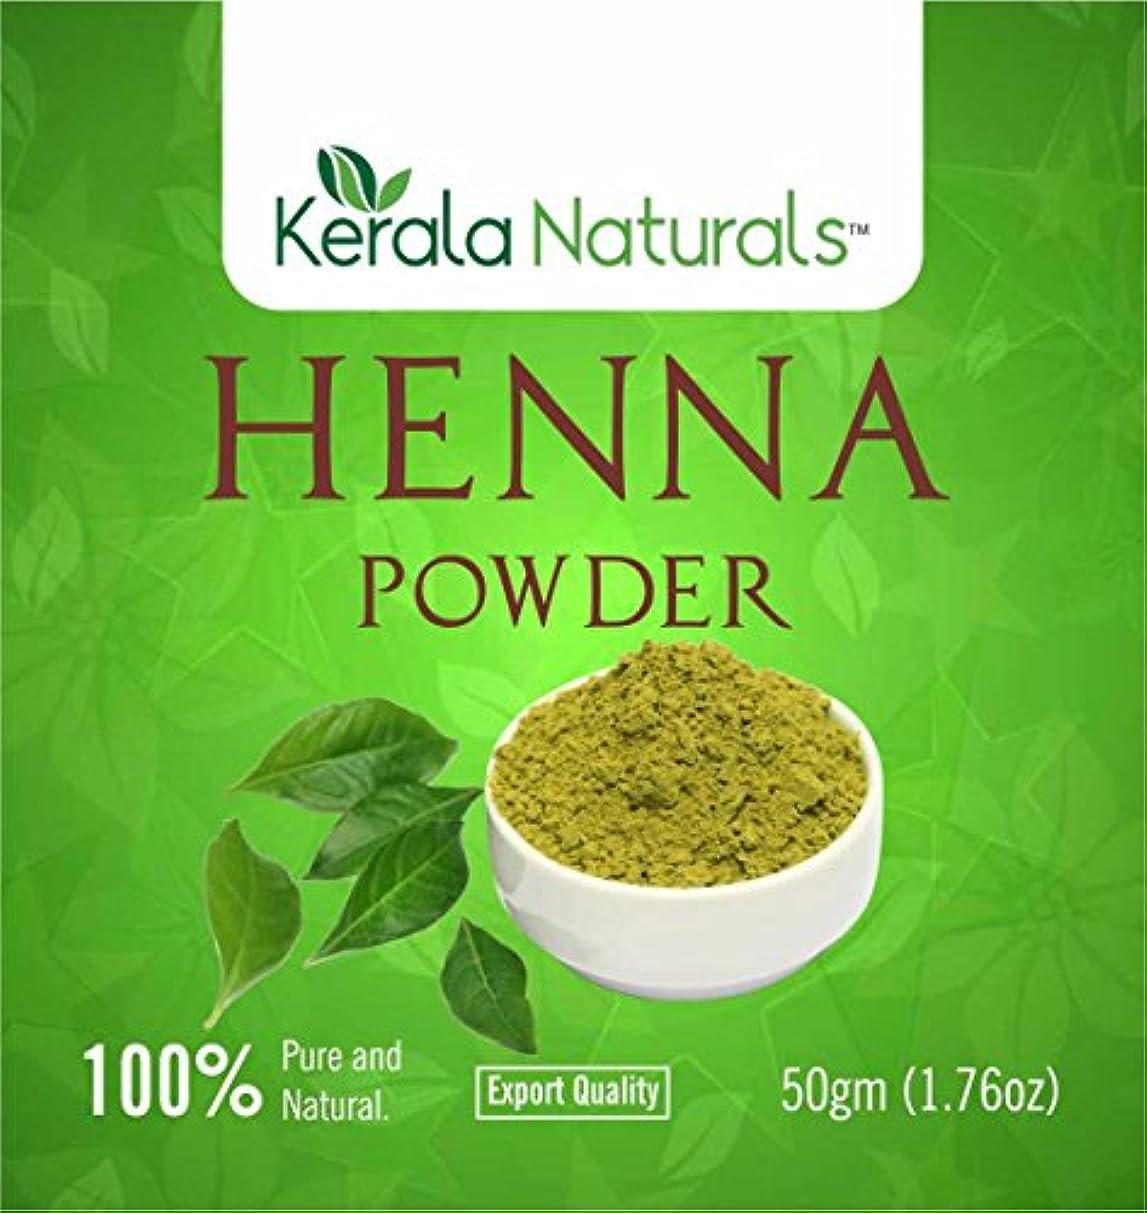 飲料札入れオリエンタル100% Pure Herbal Henna powder- Fresh Stock